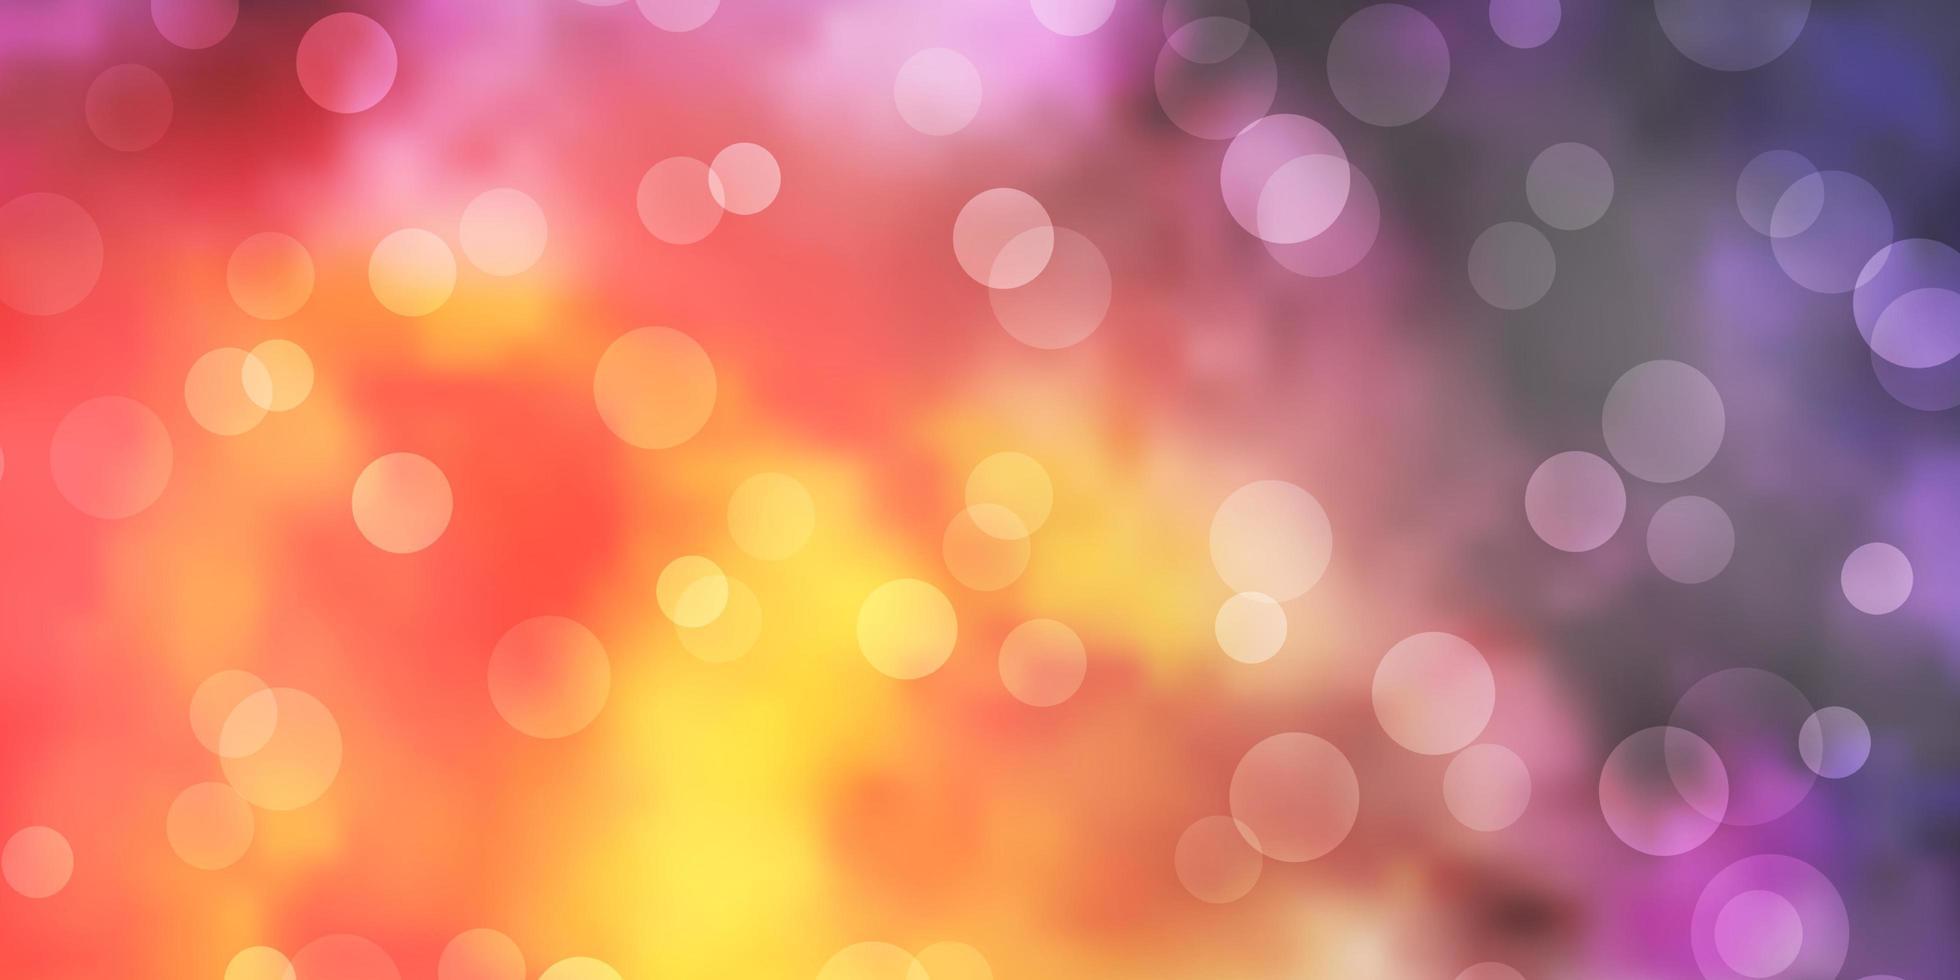 hellrosa, gelber Vektorhintergrund mit Kreisen. vektor